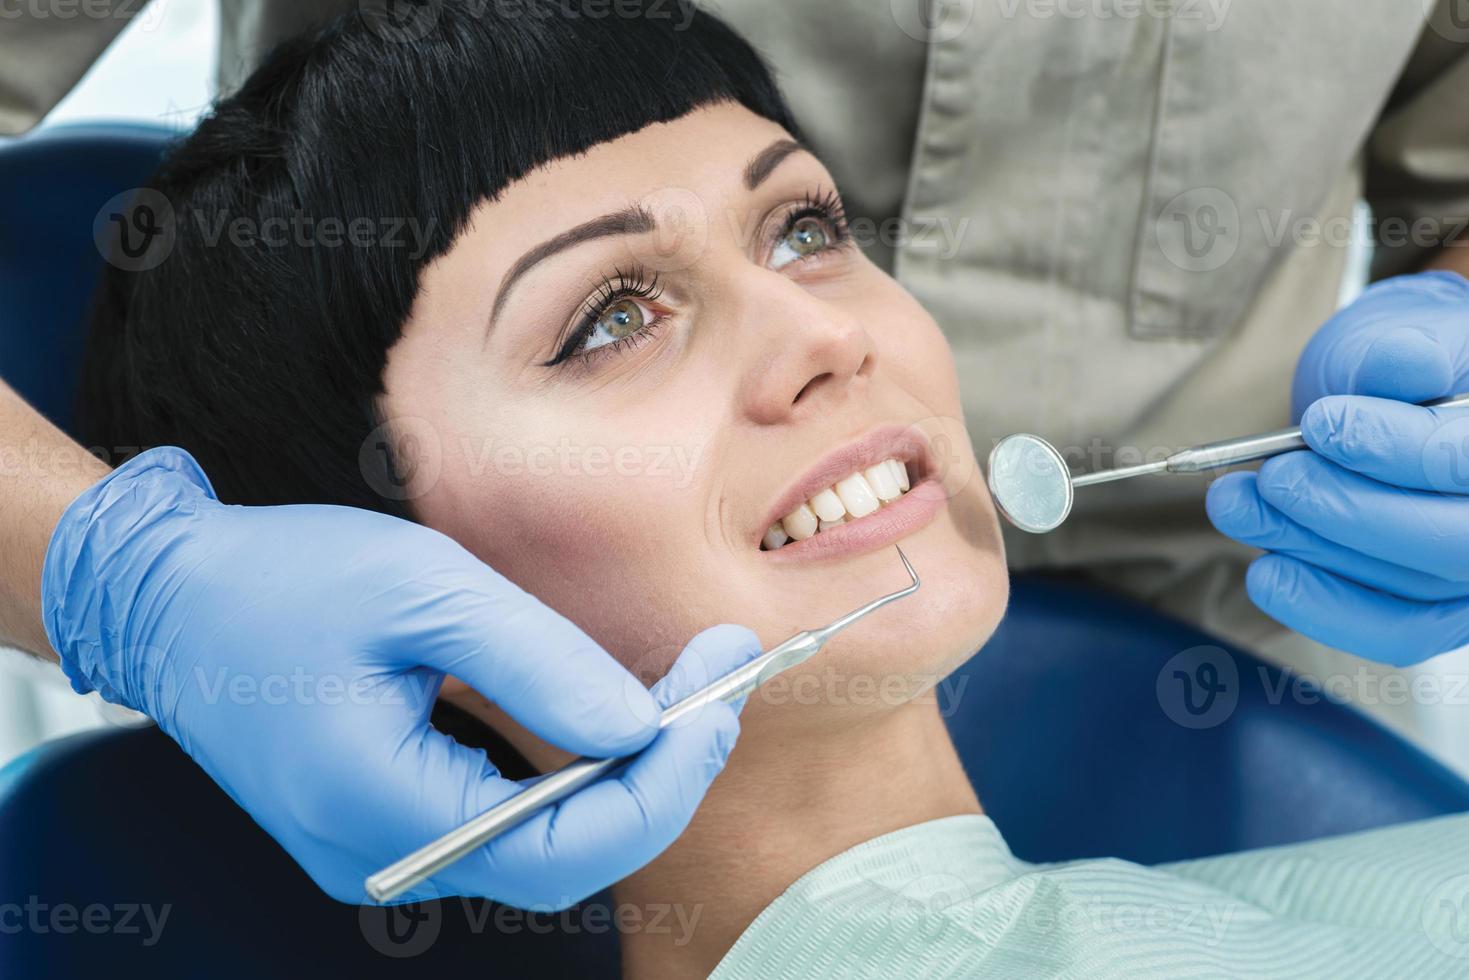 Zahnarzt Werkzeuge Spiegel bei der Arbeit. Zahnarzt macht den Prozess foto